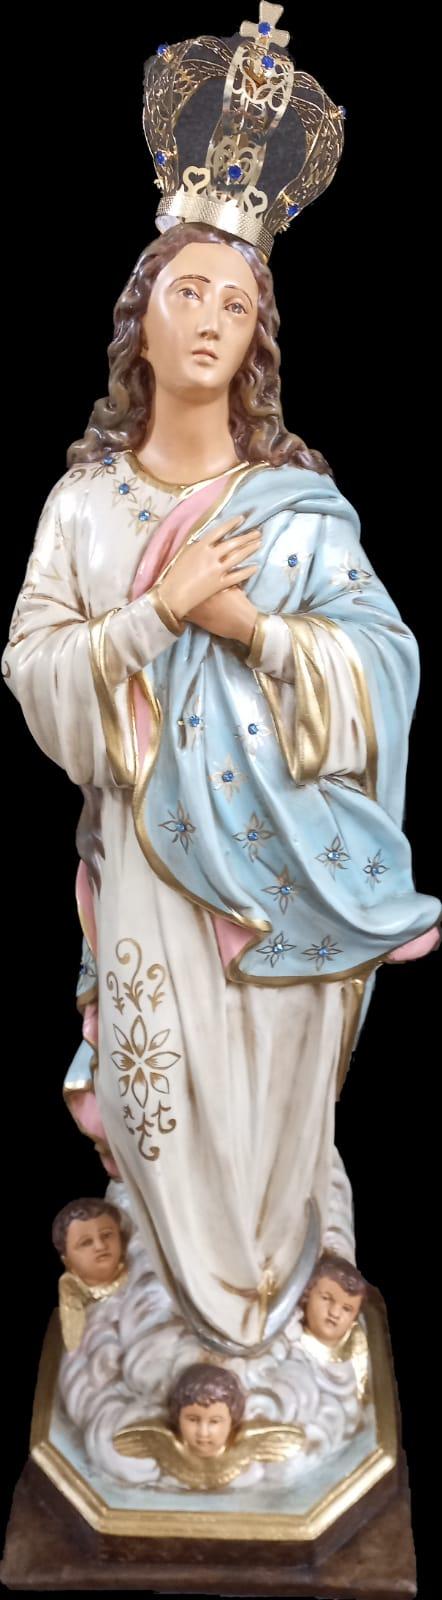 Nossa Senhora da Conceição - 80 cm (envelhecida)